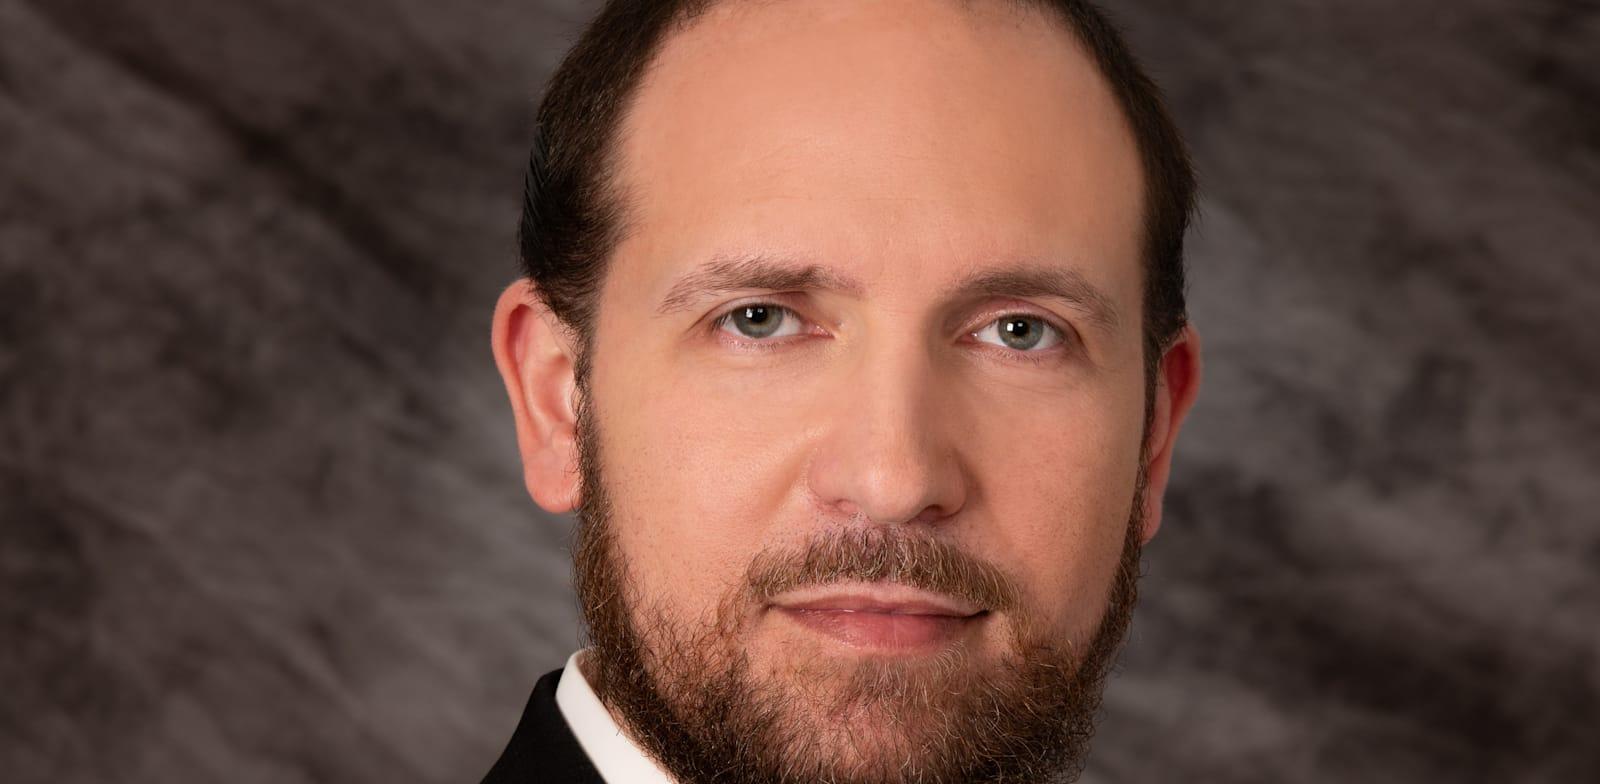 """משה מורגנשטרן, המשנה למנכ""""ל מנורה מבטחים ומנהל אגף מערכות מידע וטכנולוגיה / צילום: יח""""צ"""